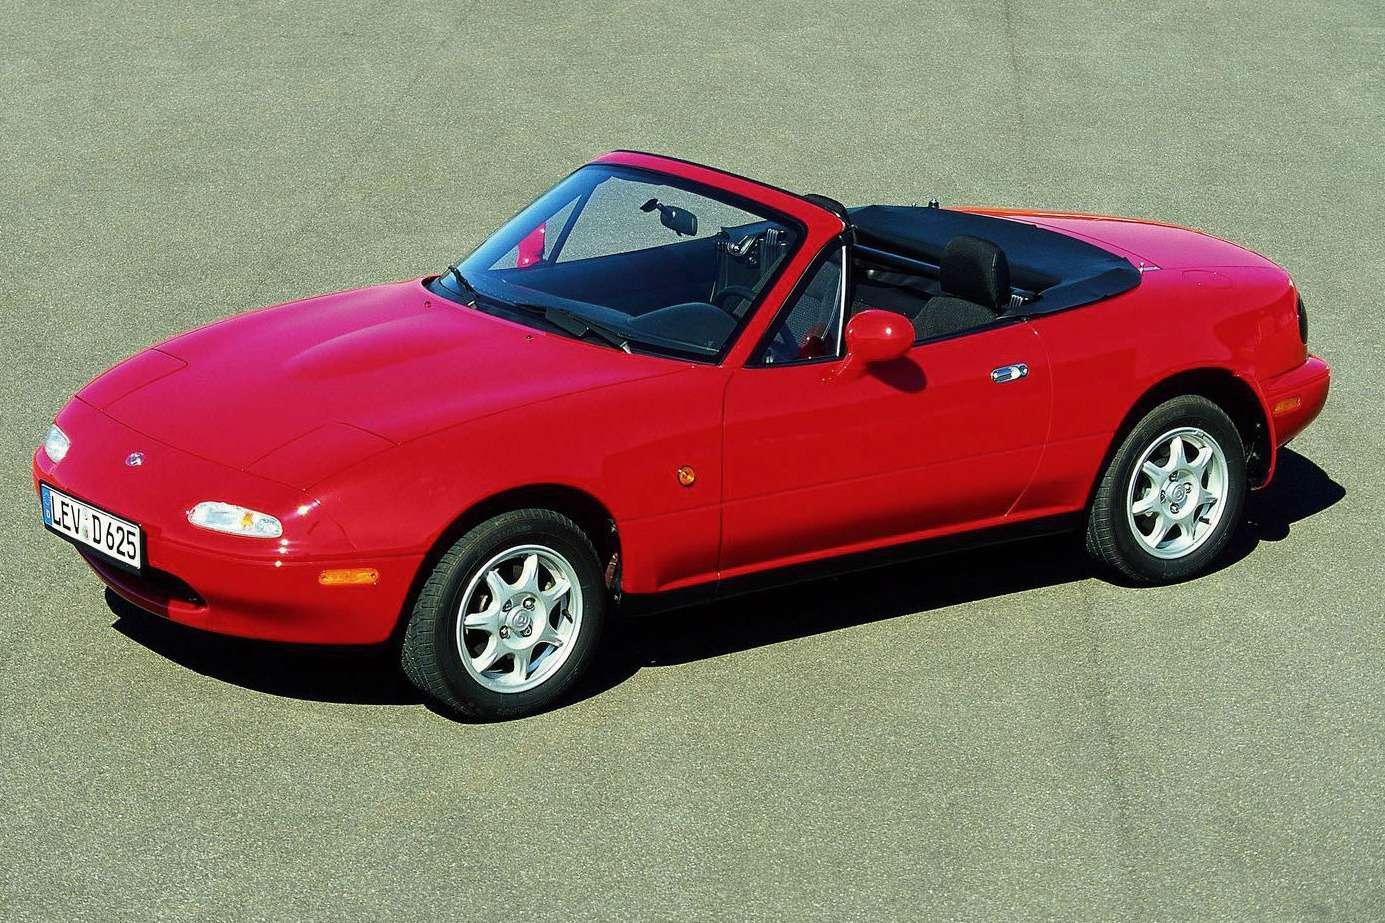 Mazda-MX-5_1989_1600x1200_wallpaper_07_no_copyright